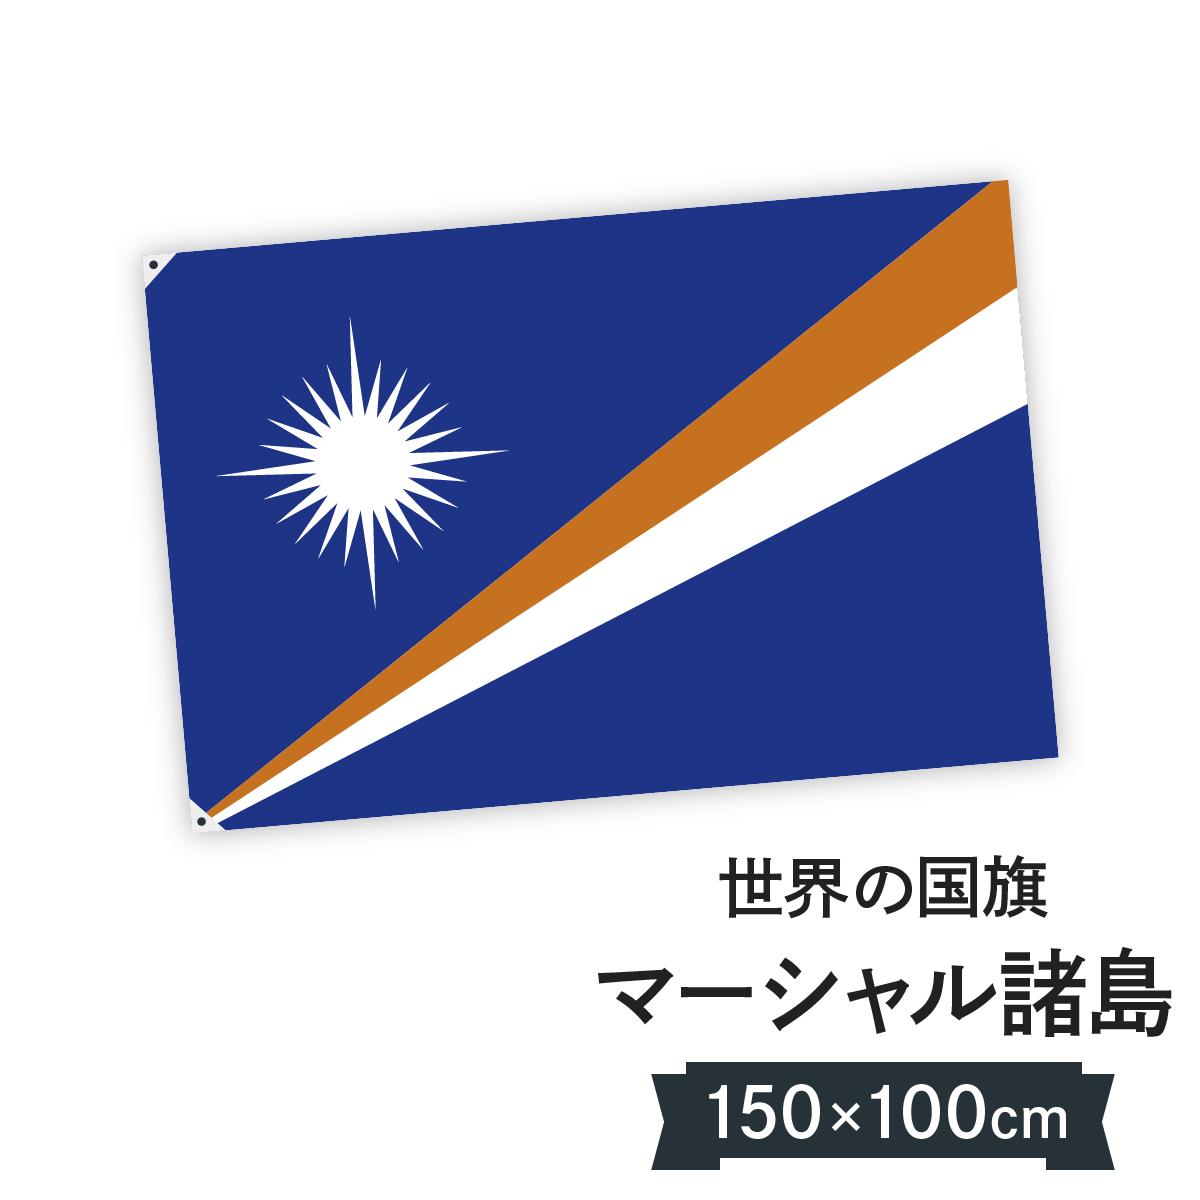 マーシャル諸島 国旗 W150cm H100cm